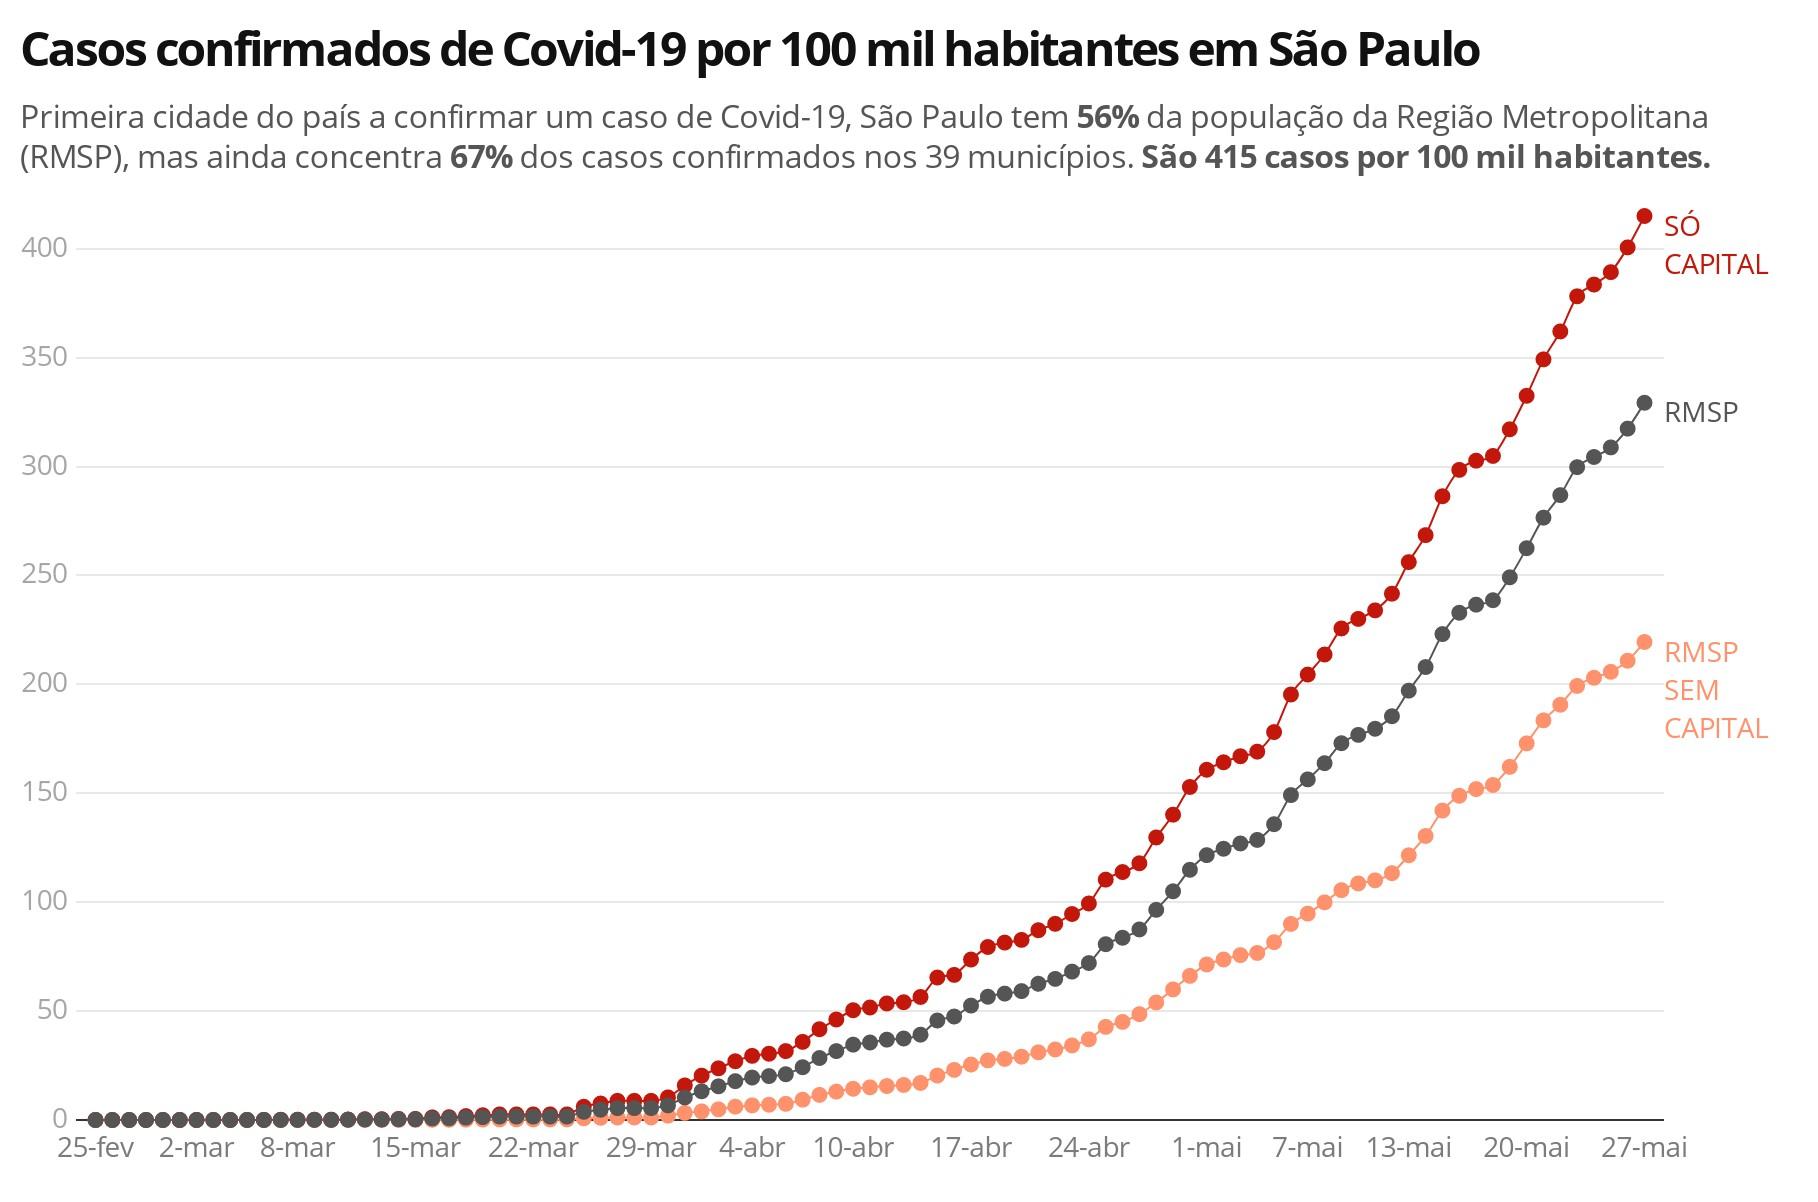 Com 56% dos habitantes da Grande SP, capital concentra 67% dos casos e 63% das mortes confirmadas de Covid-19